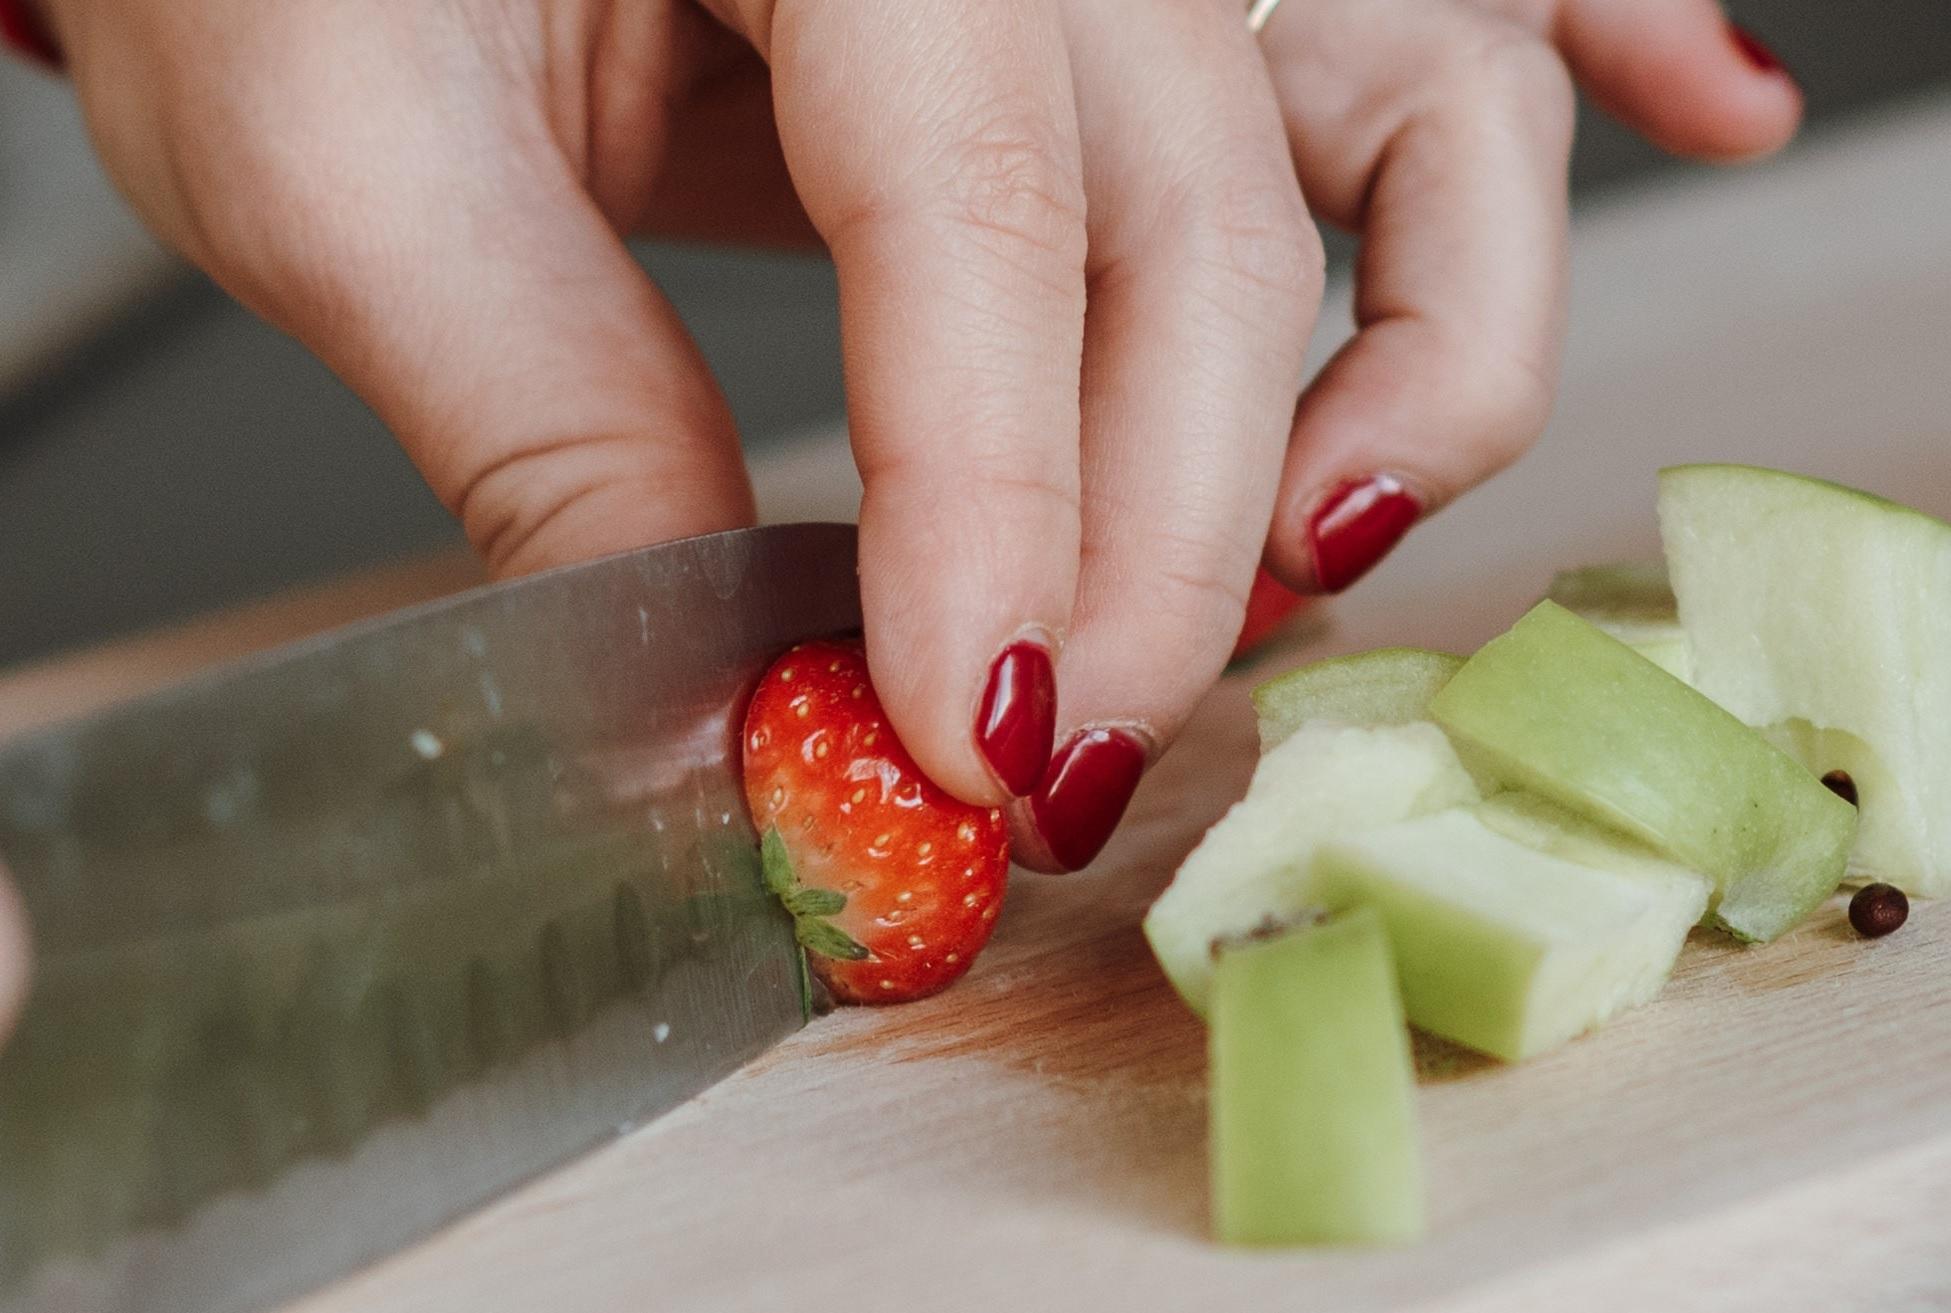 ジェルネイルをしたまま料理はNG?害はないのか、手袋は必要か解説します